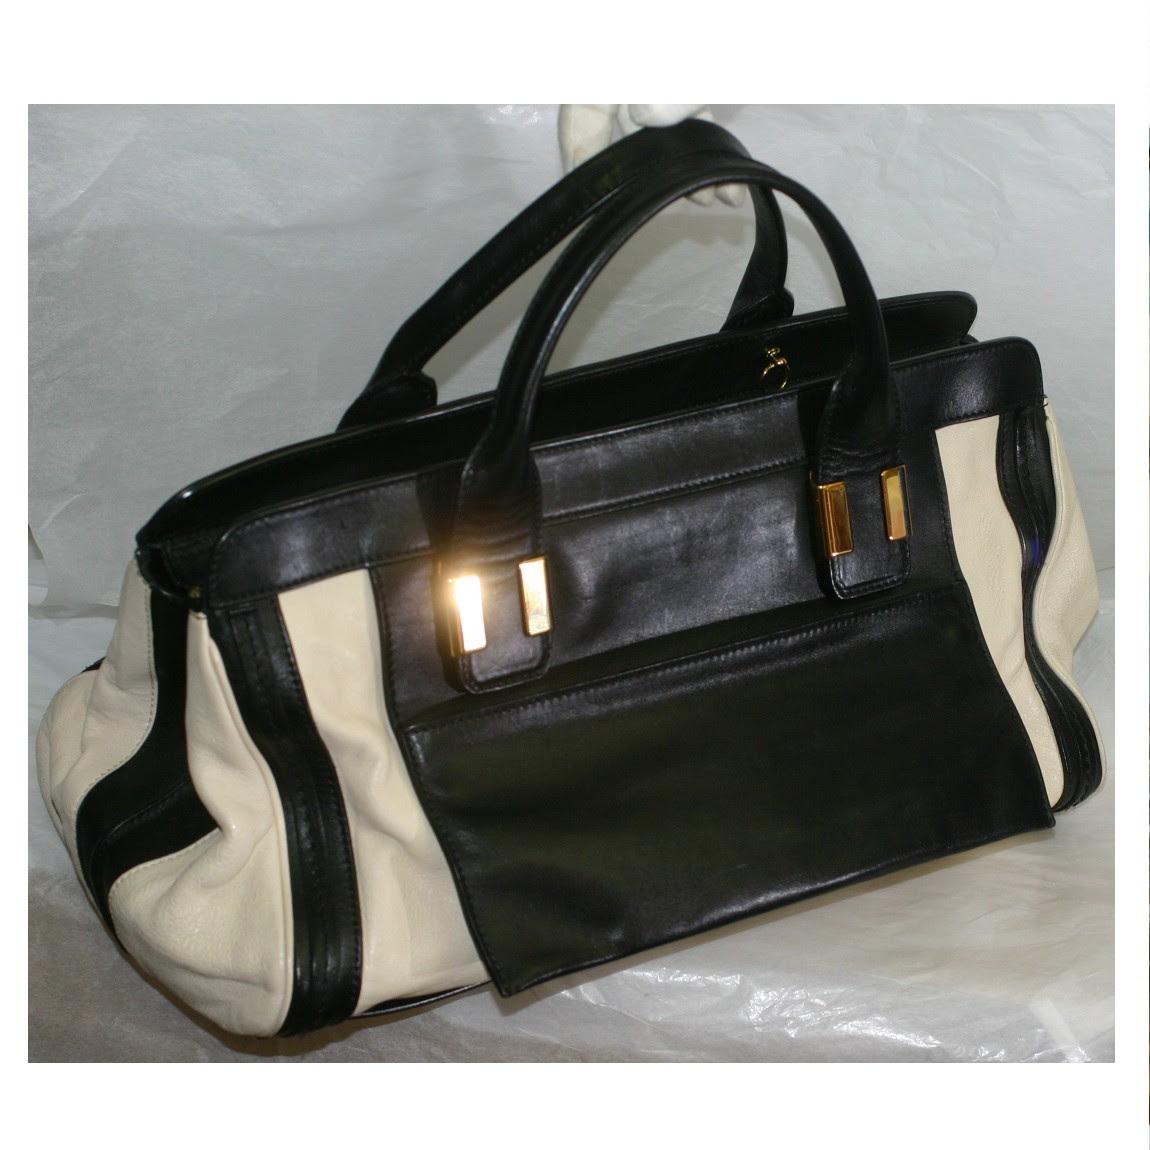 中古 バッグ 本物綺麗クロエ女性用黒xアイボリー色革素材丈夫な作りの